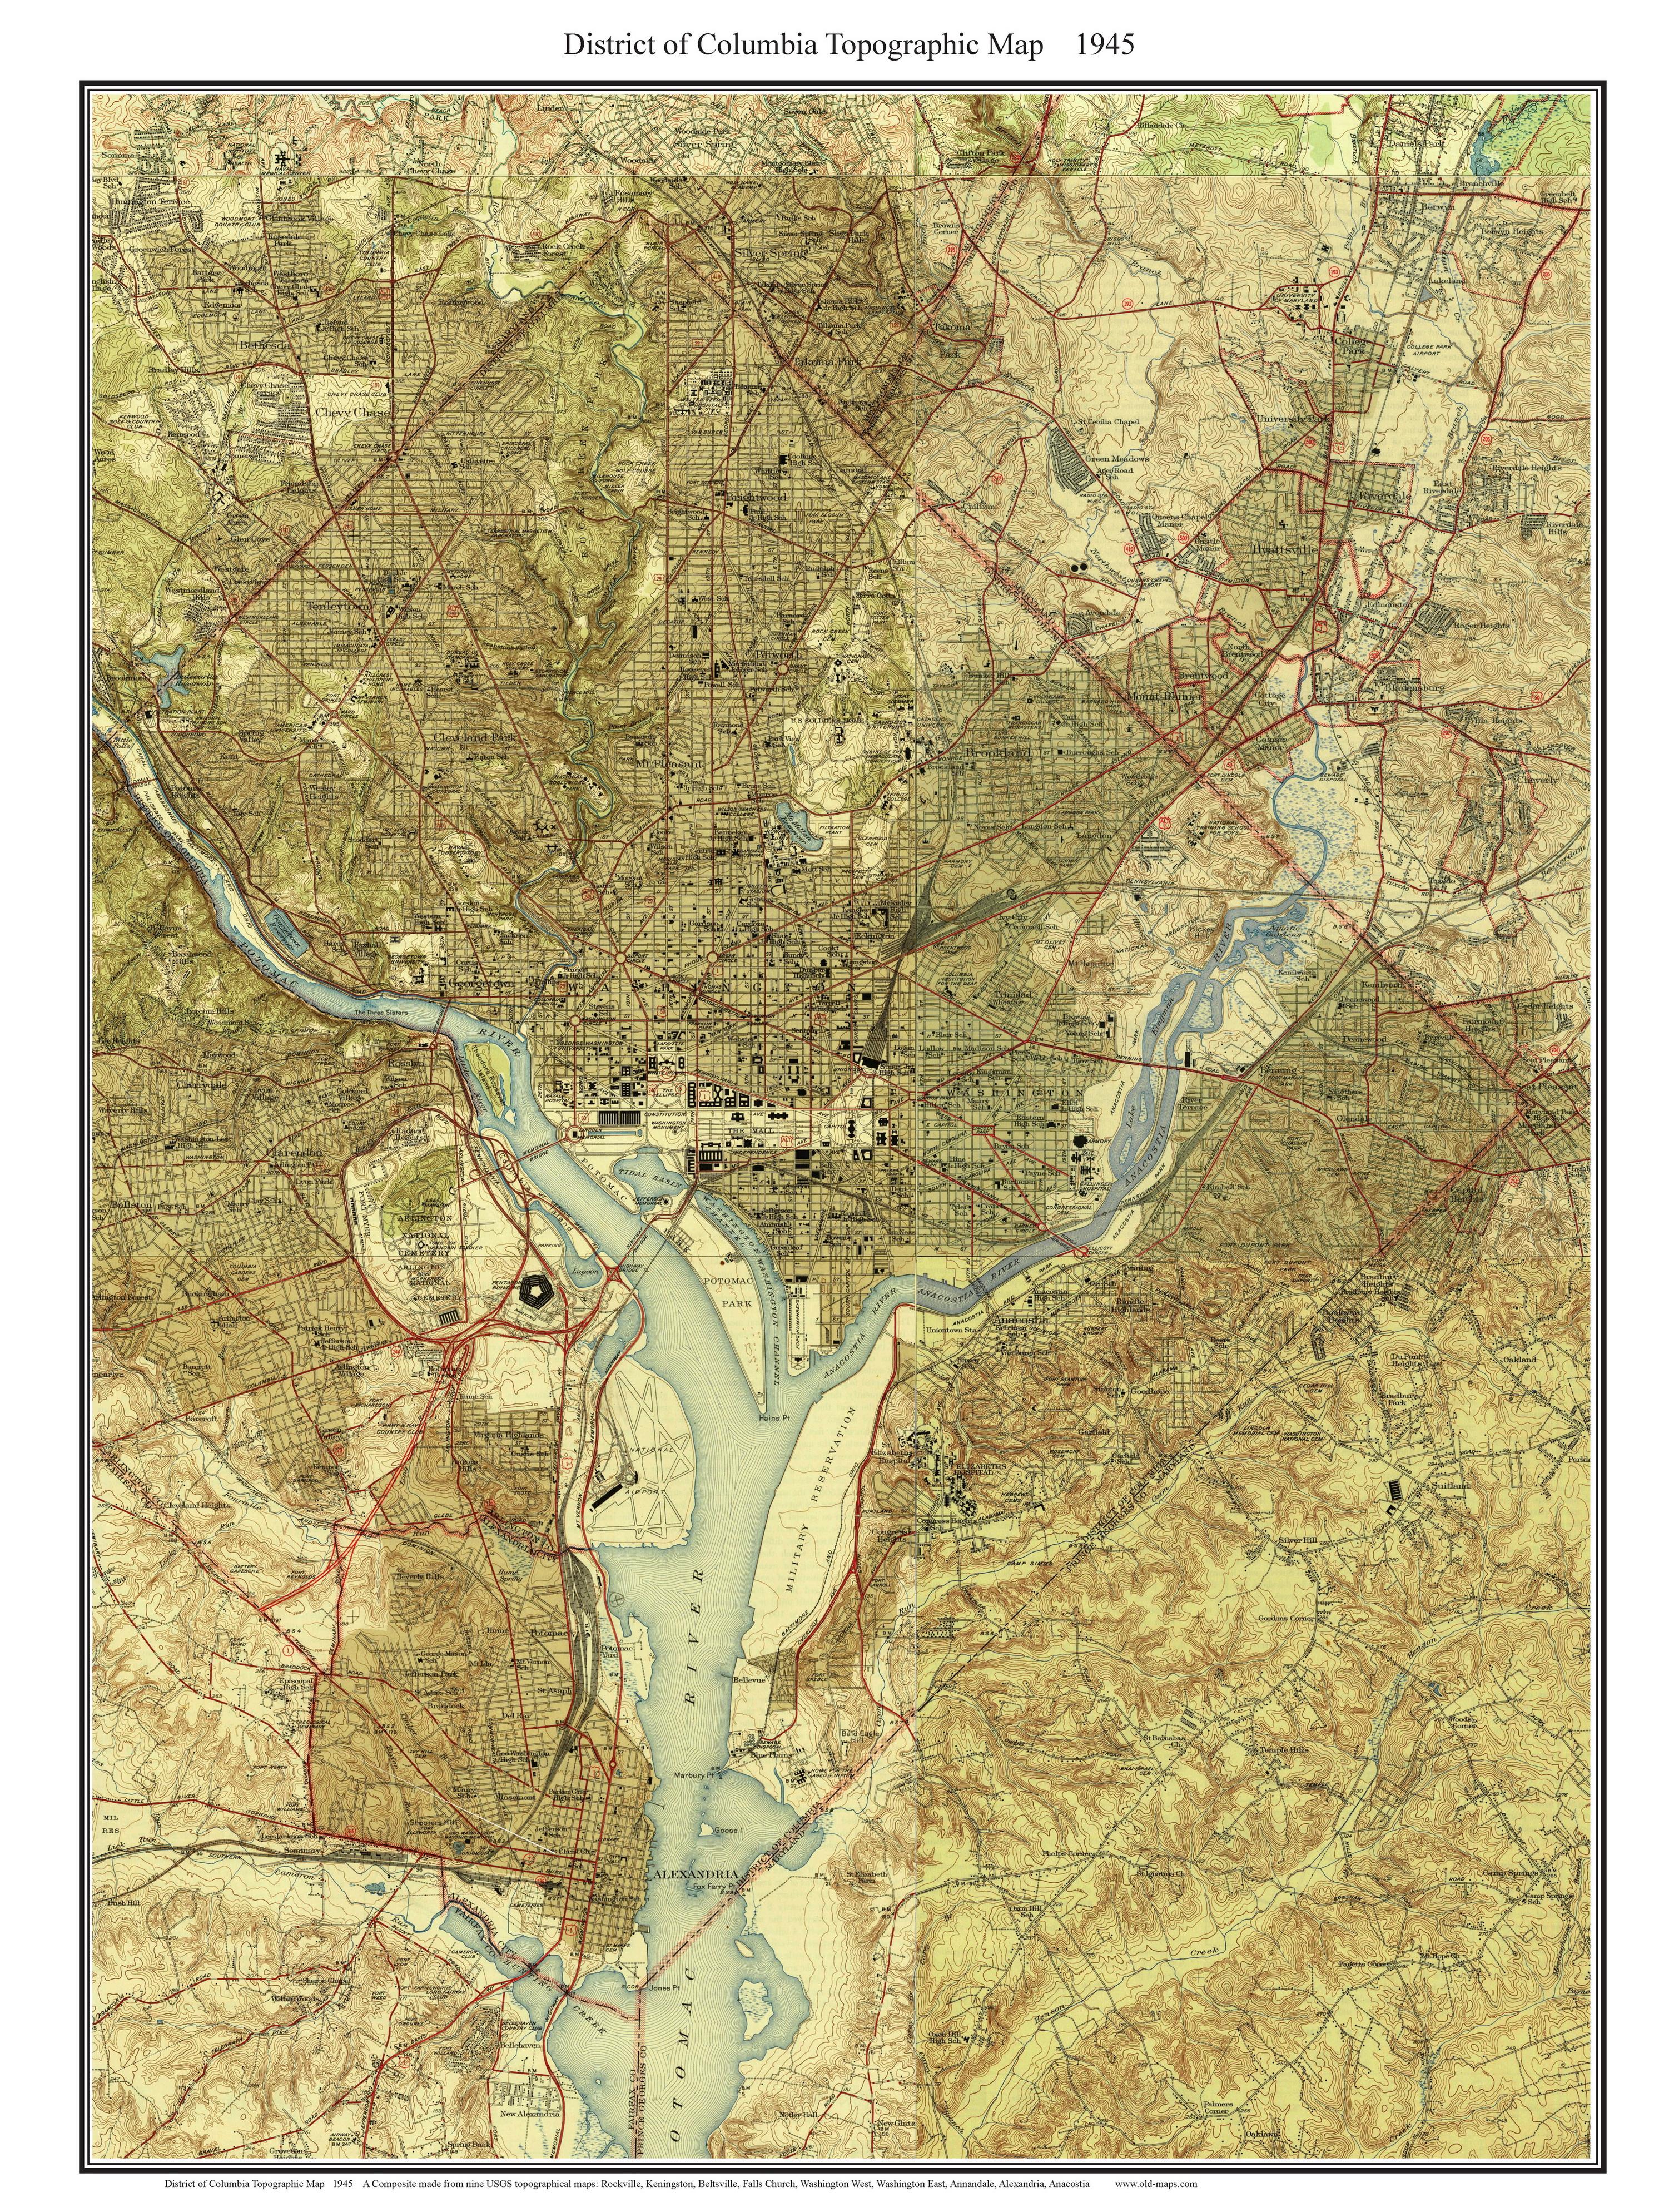 Old Topo Maps Of Washington D C